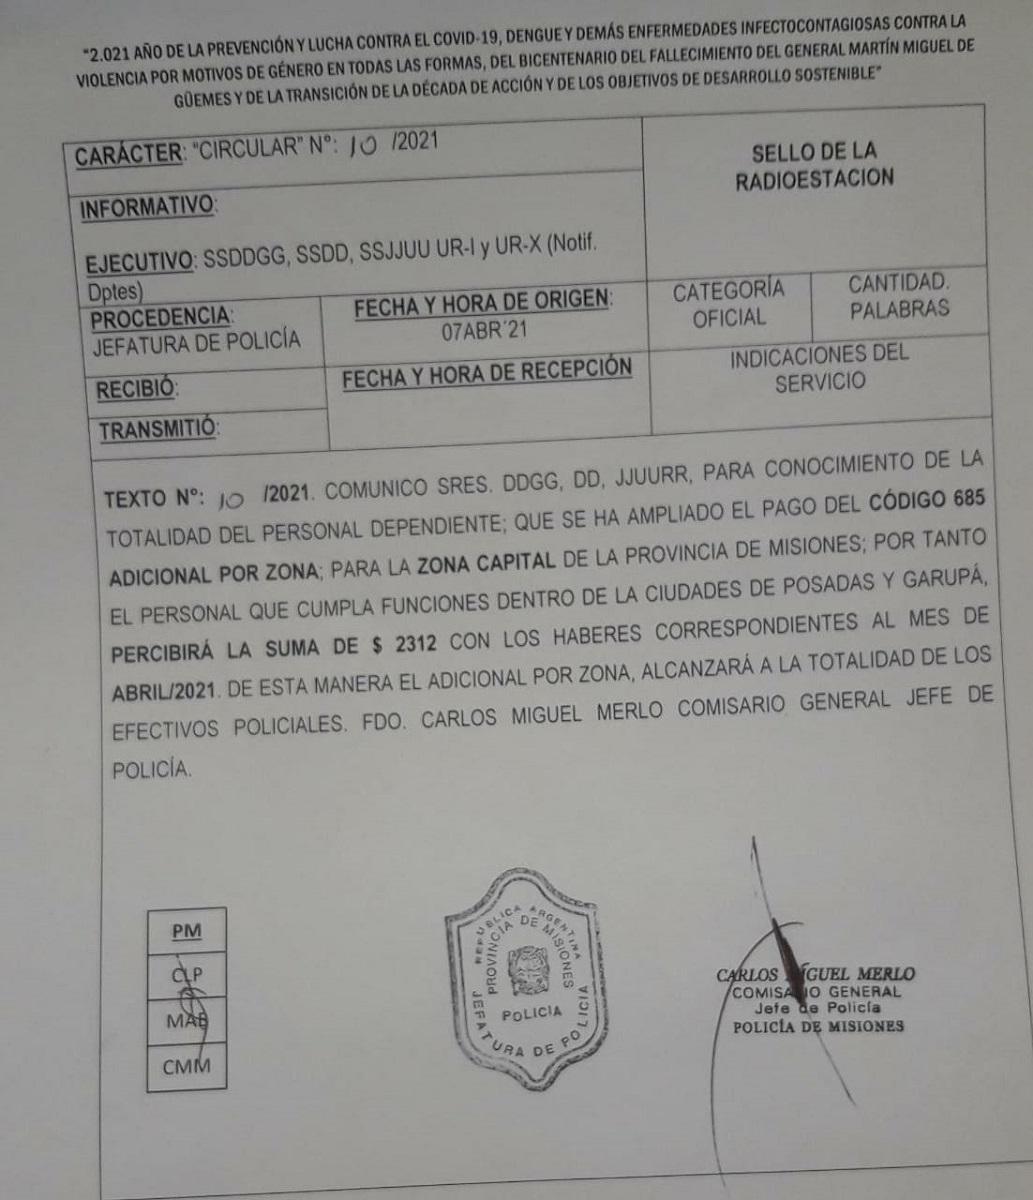 También cobrarán un adicional por zona desfavorable los efectivos de la Policía de Misiones que prestan servicios en Posadas y Garupá